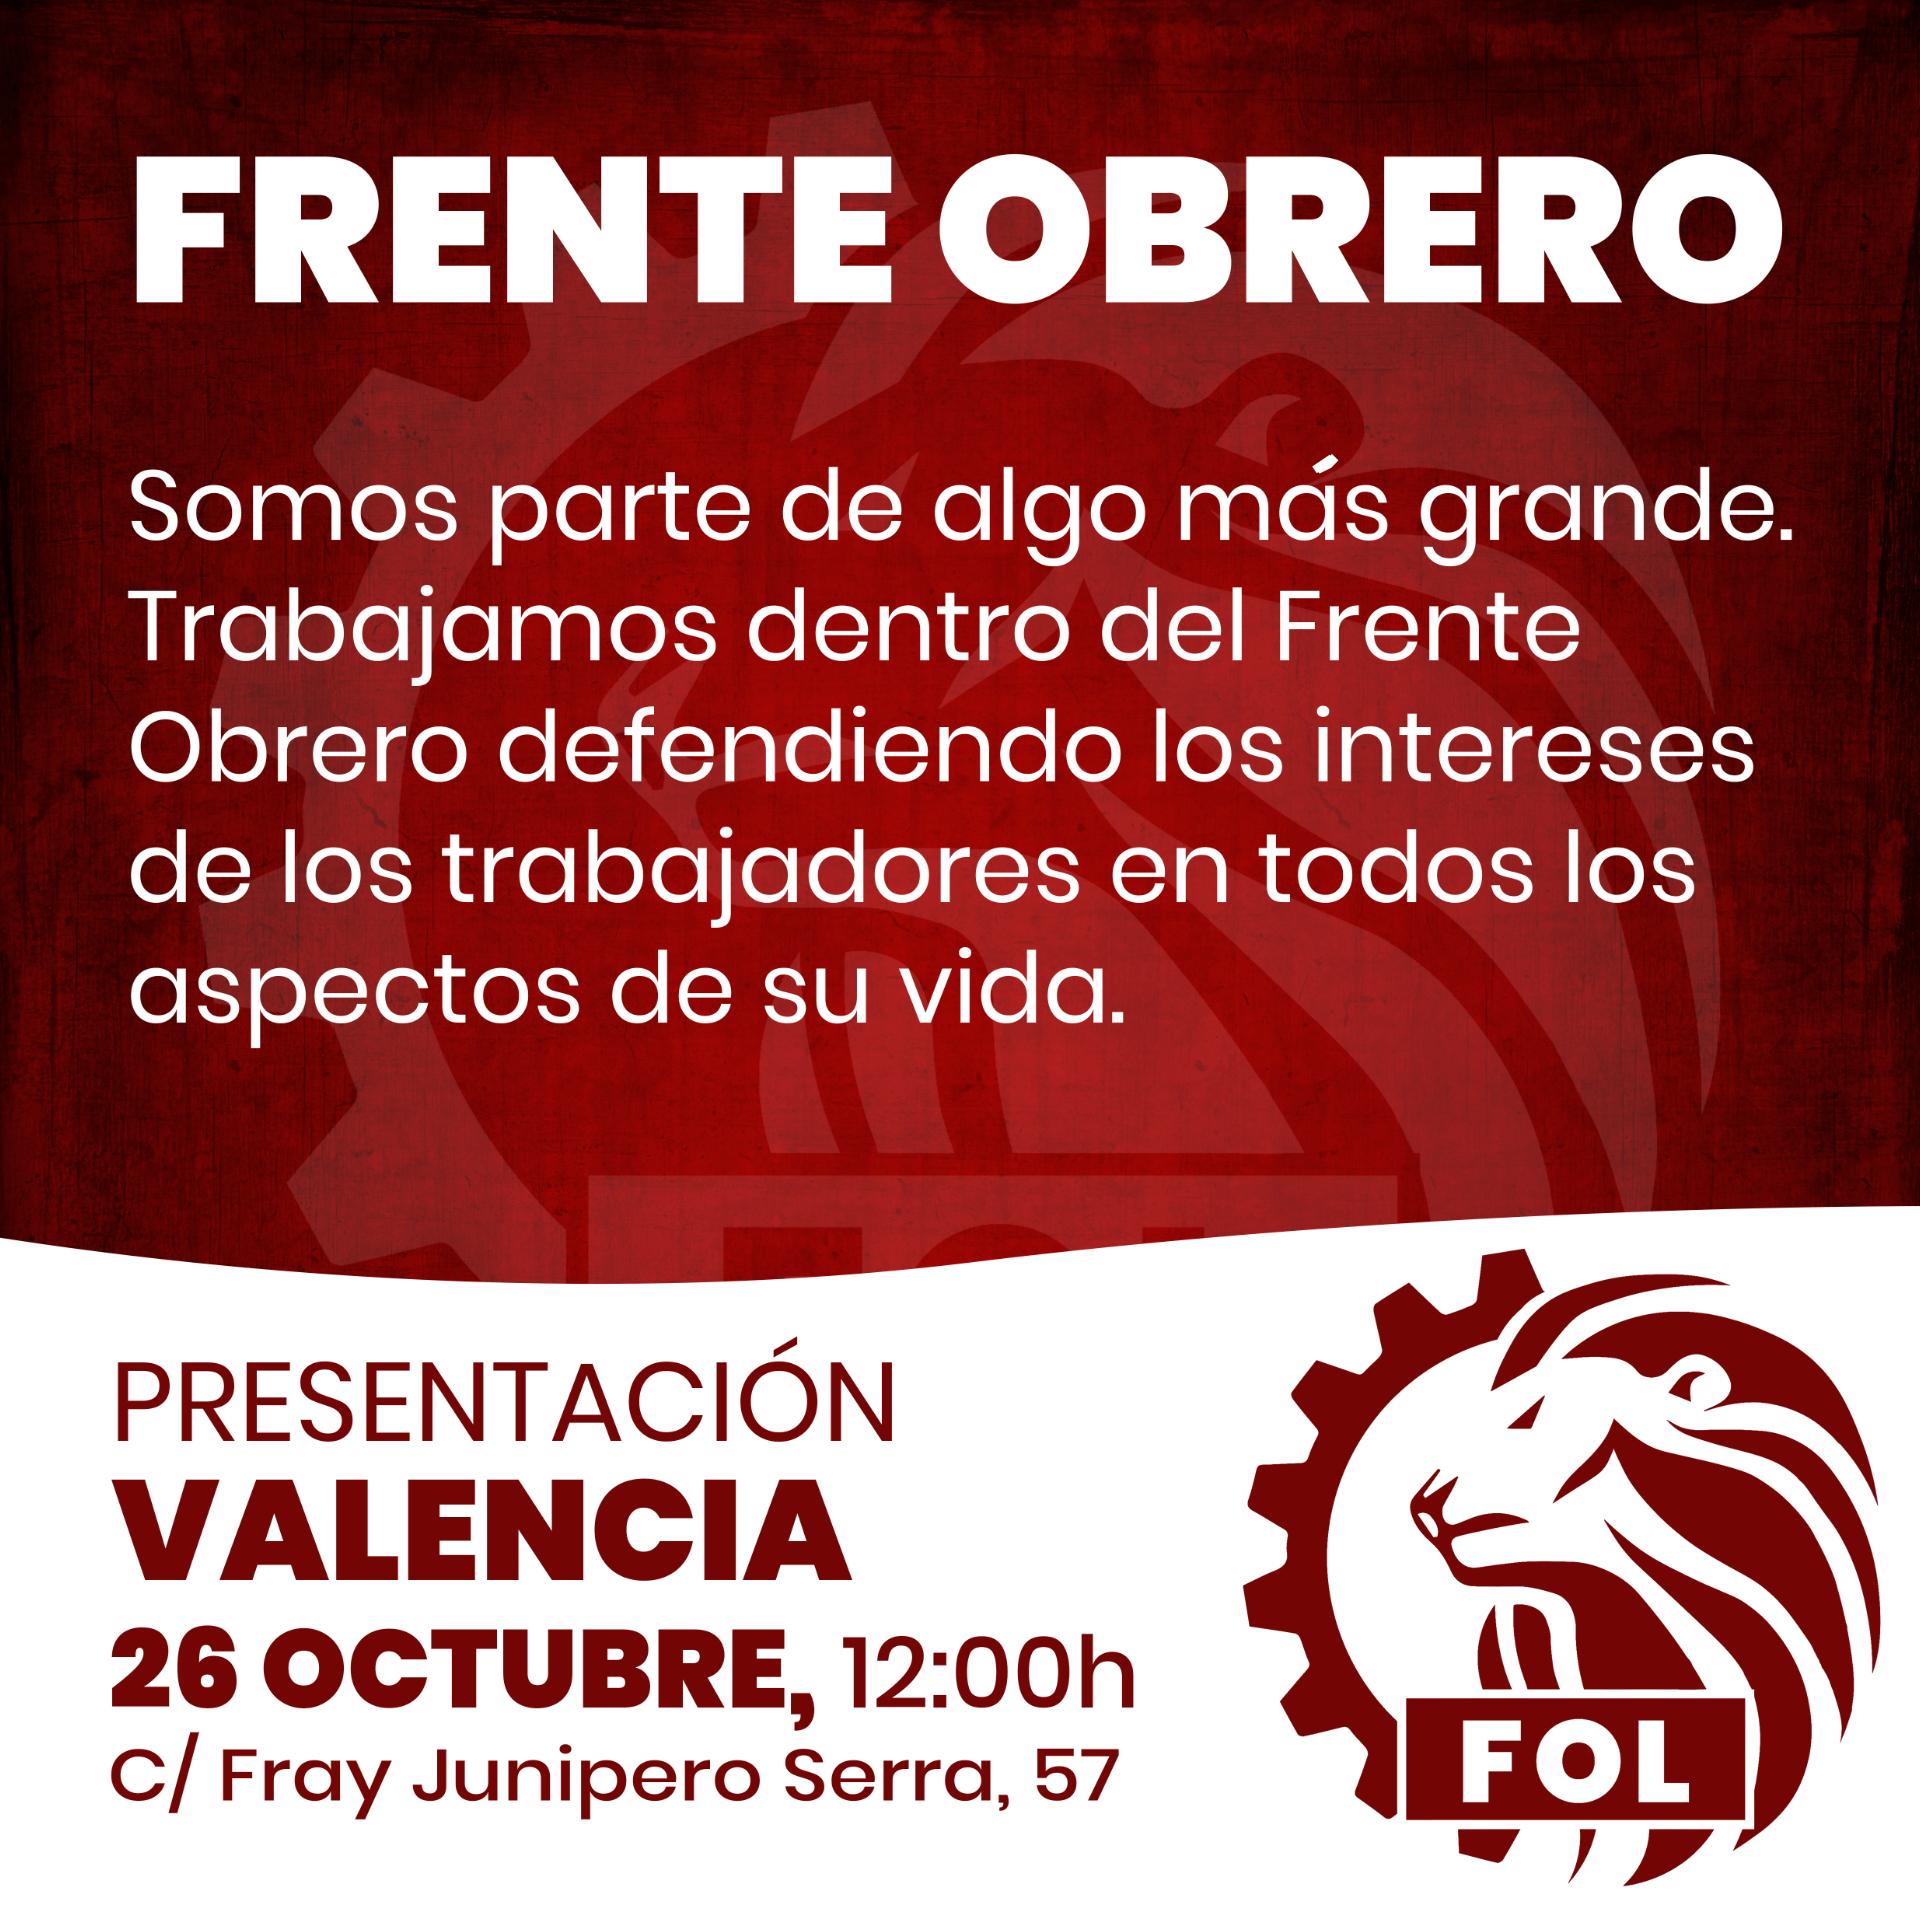 FRENTE OBRERO